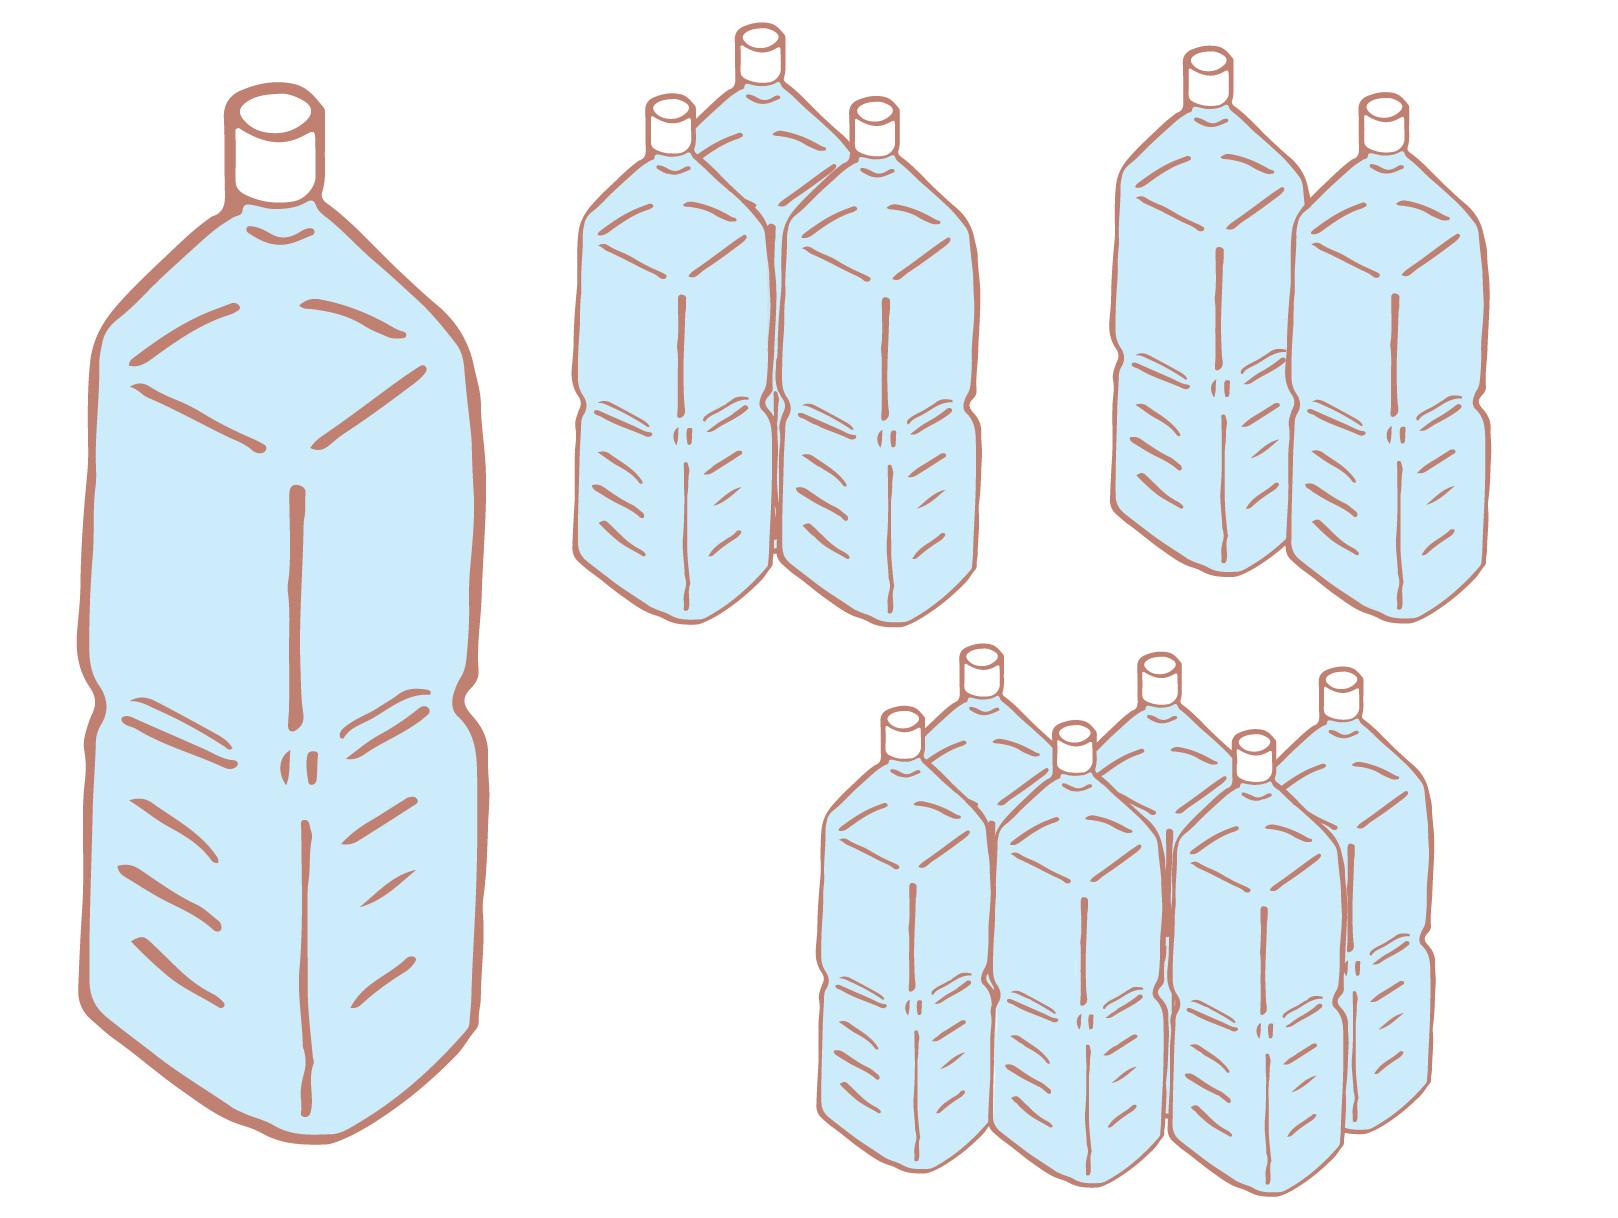 痛風体験談大西さん編③生活習慣の改善に着手。水分管理の大切さ